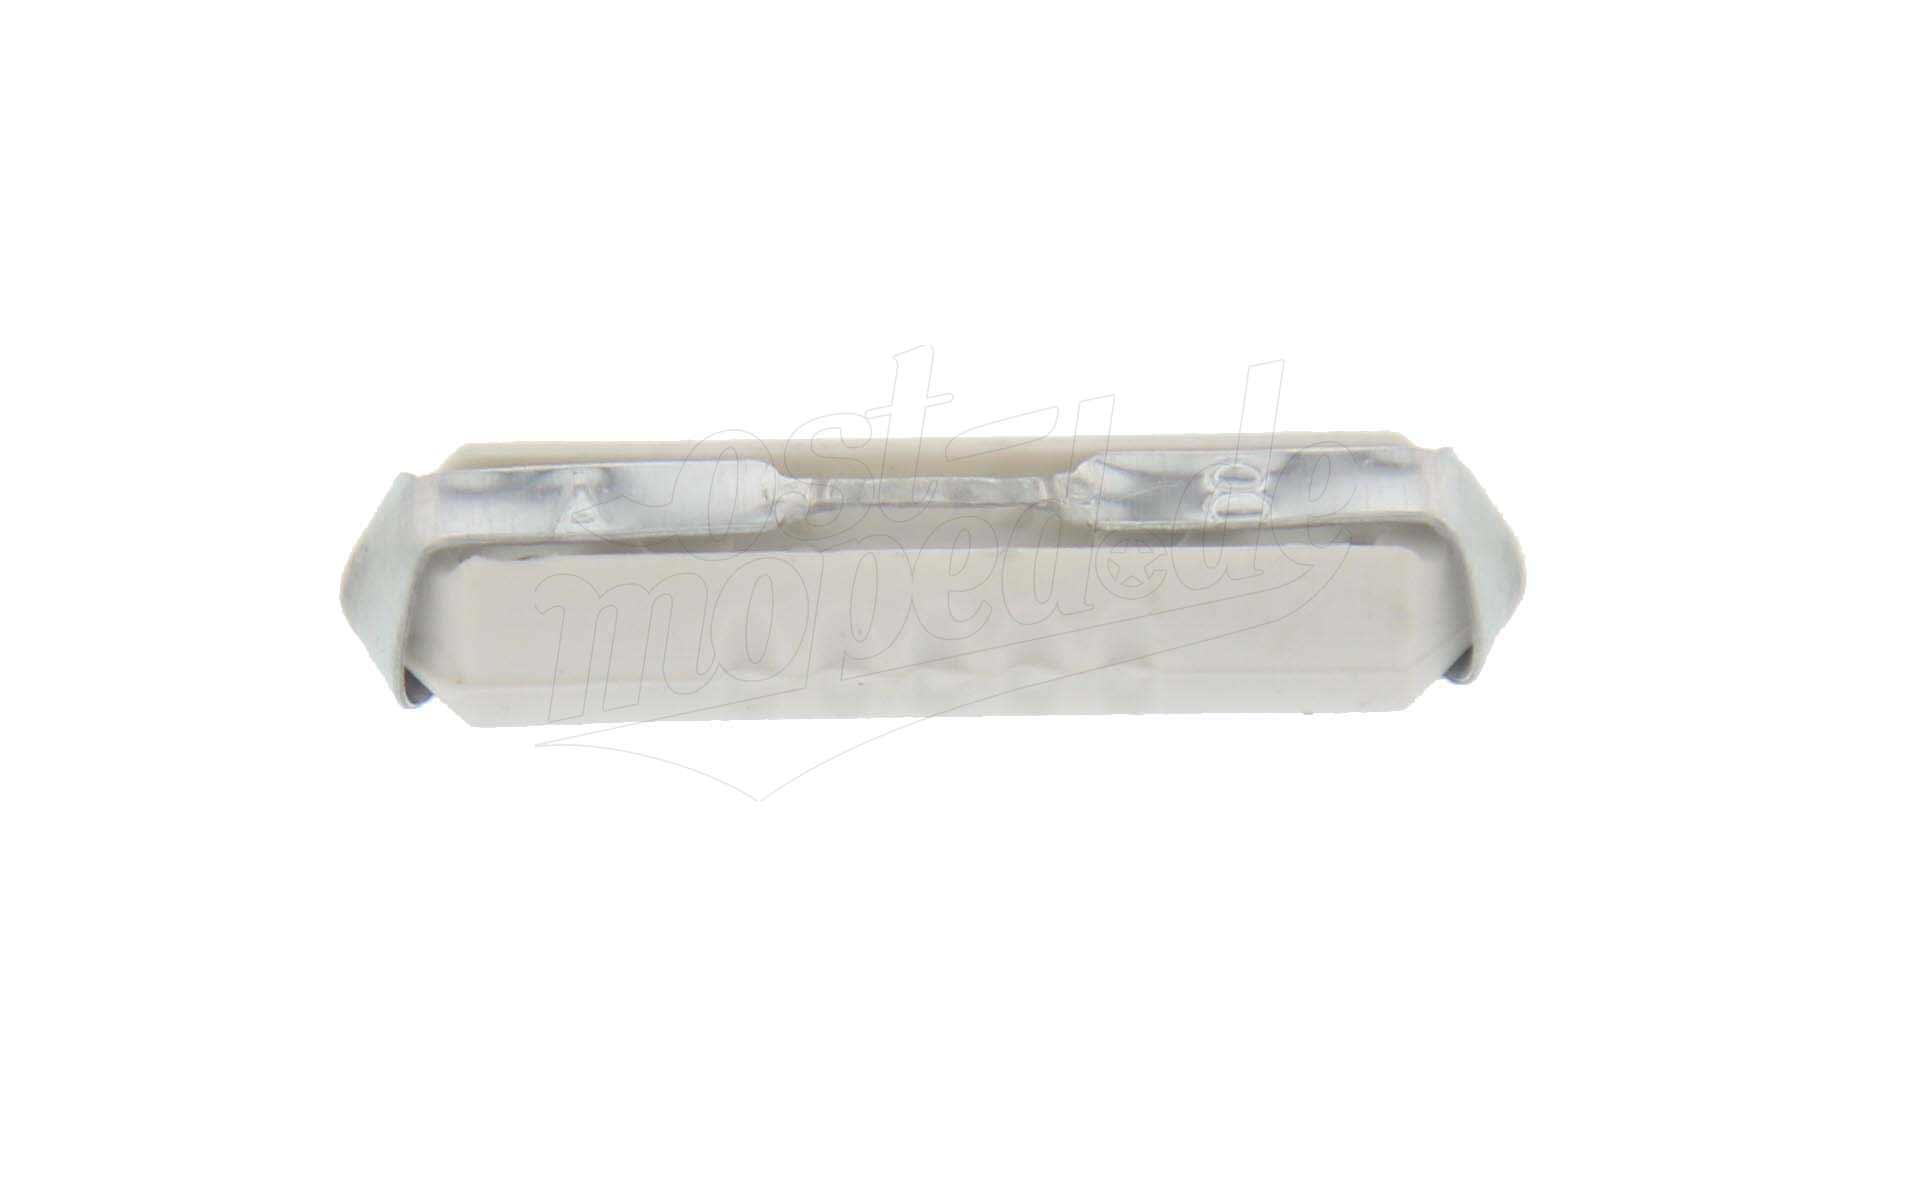 Sicherung 8A weiß - S51, S50, KR51/2, SR50